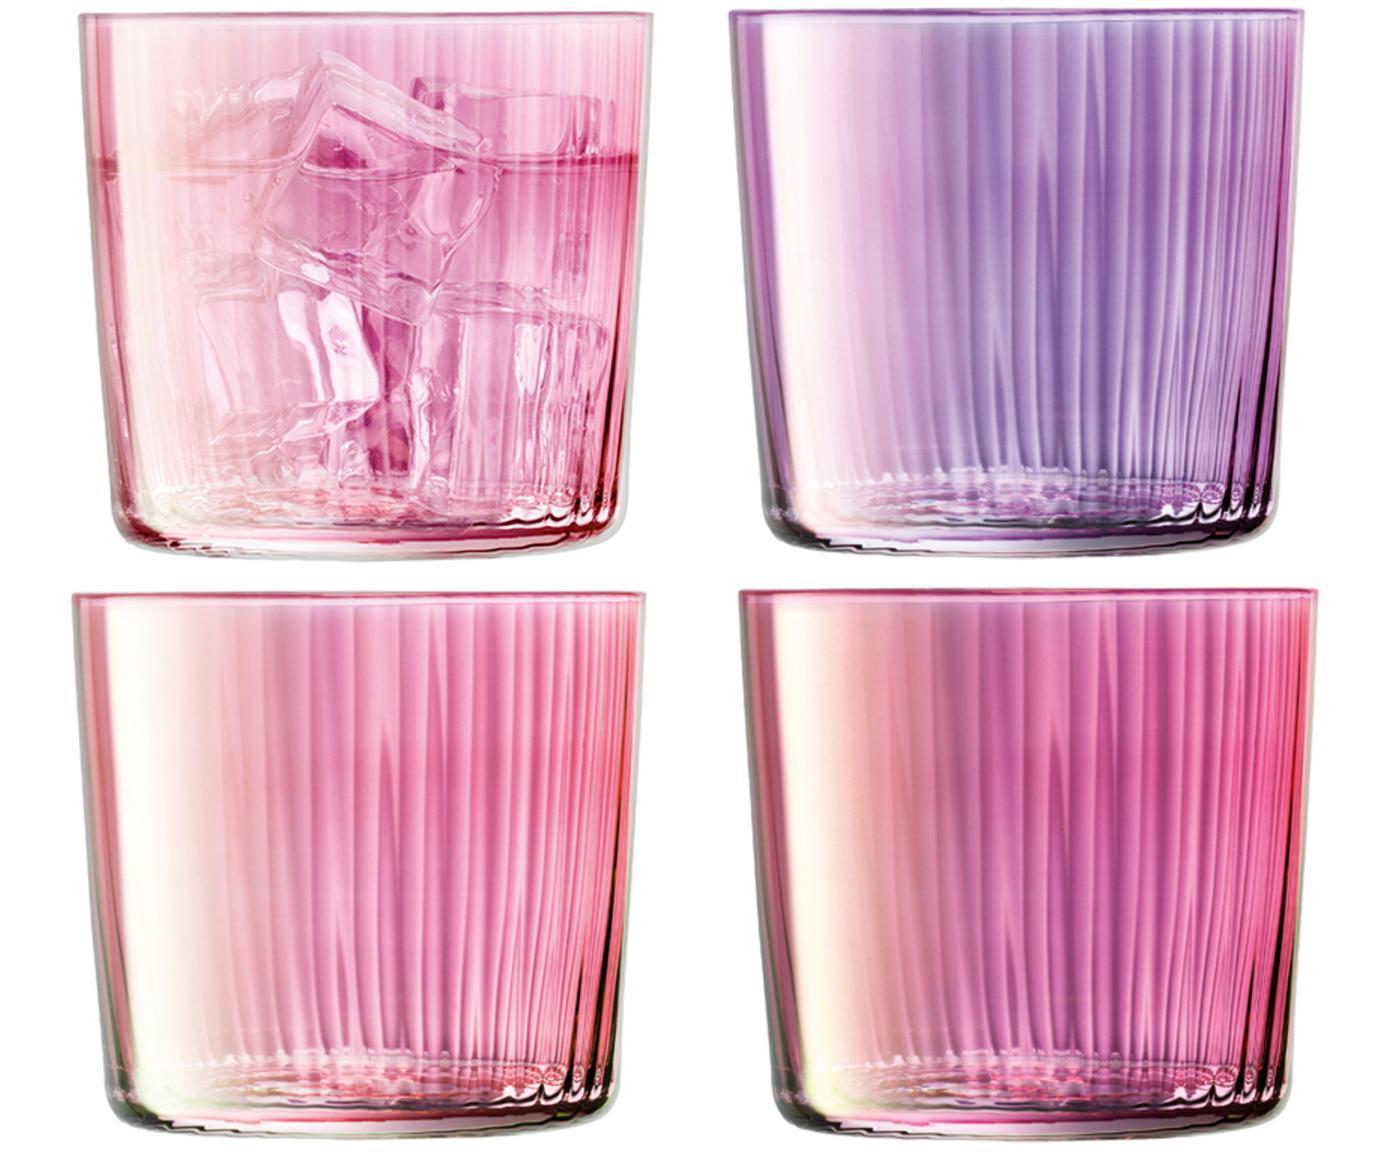 Komplet szklanek do wody ze szkła dmuchanego Gems, 4 elem., Szkło dmuchane, Blady różowy i purpurowy, Ø 8 x W 7 cm